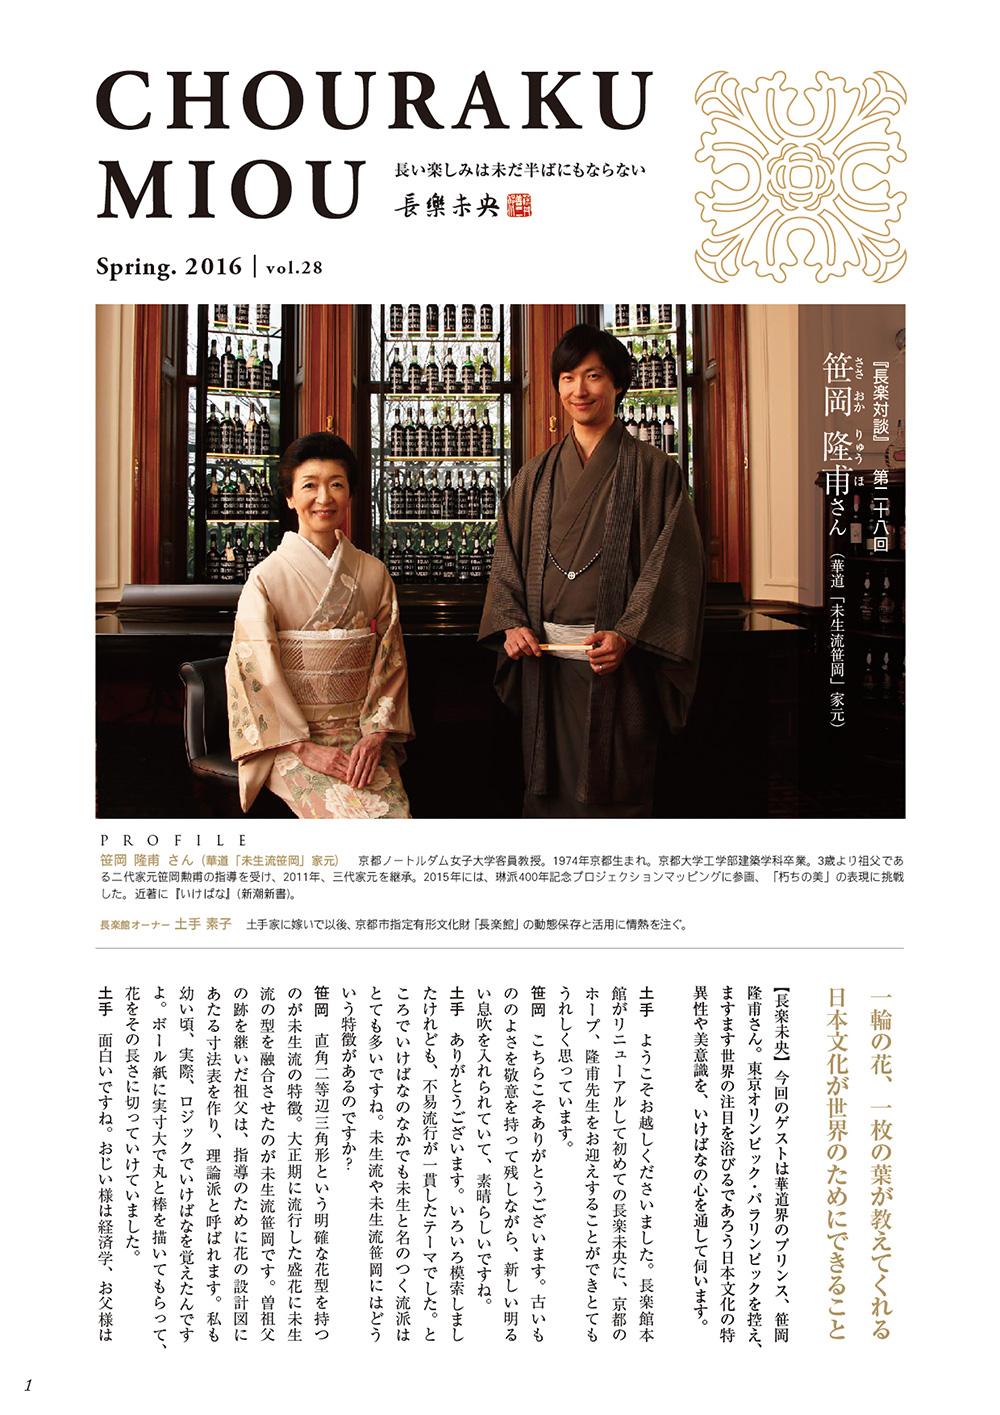 長楽館未央 vol.28